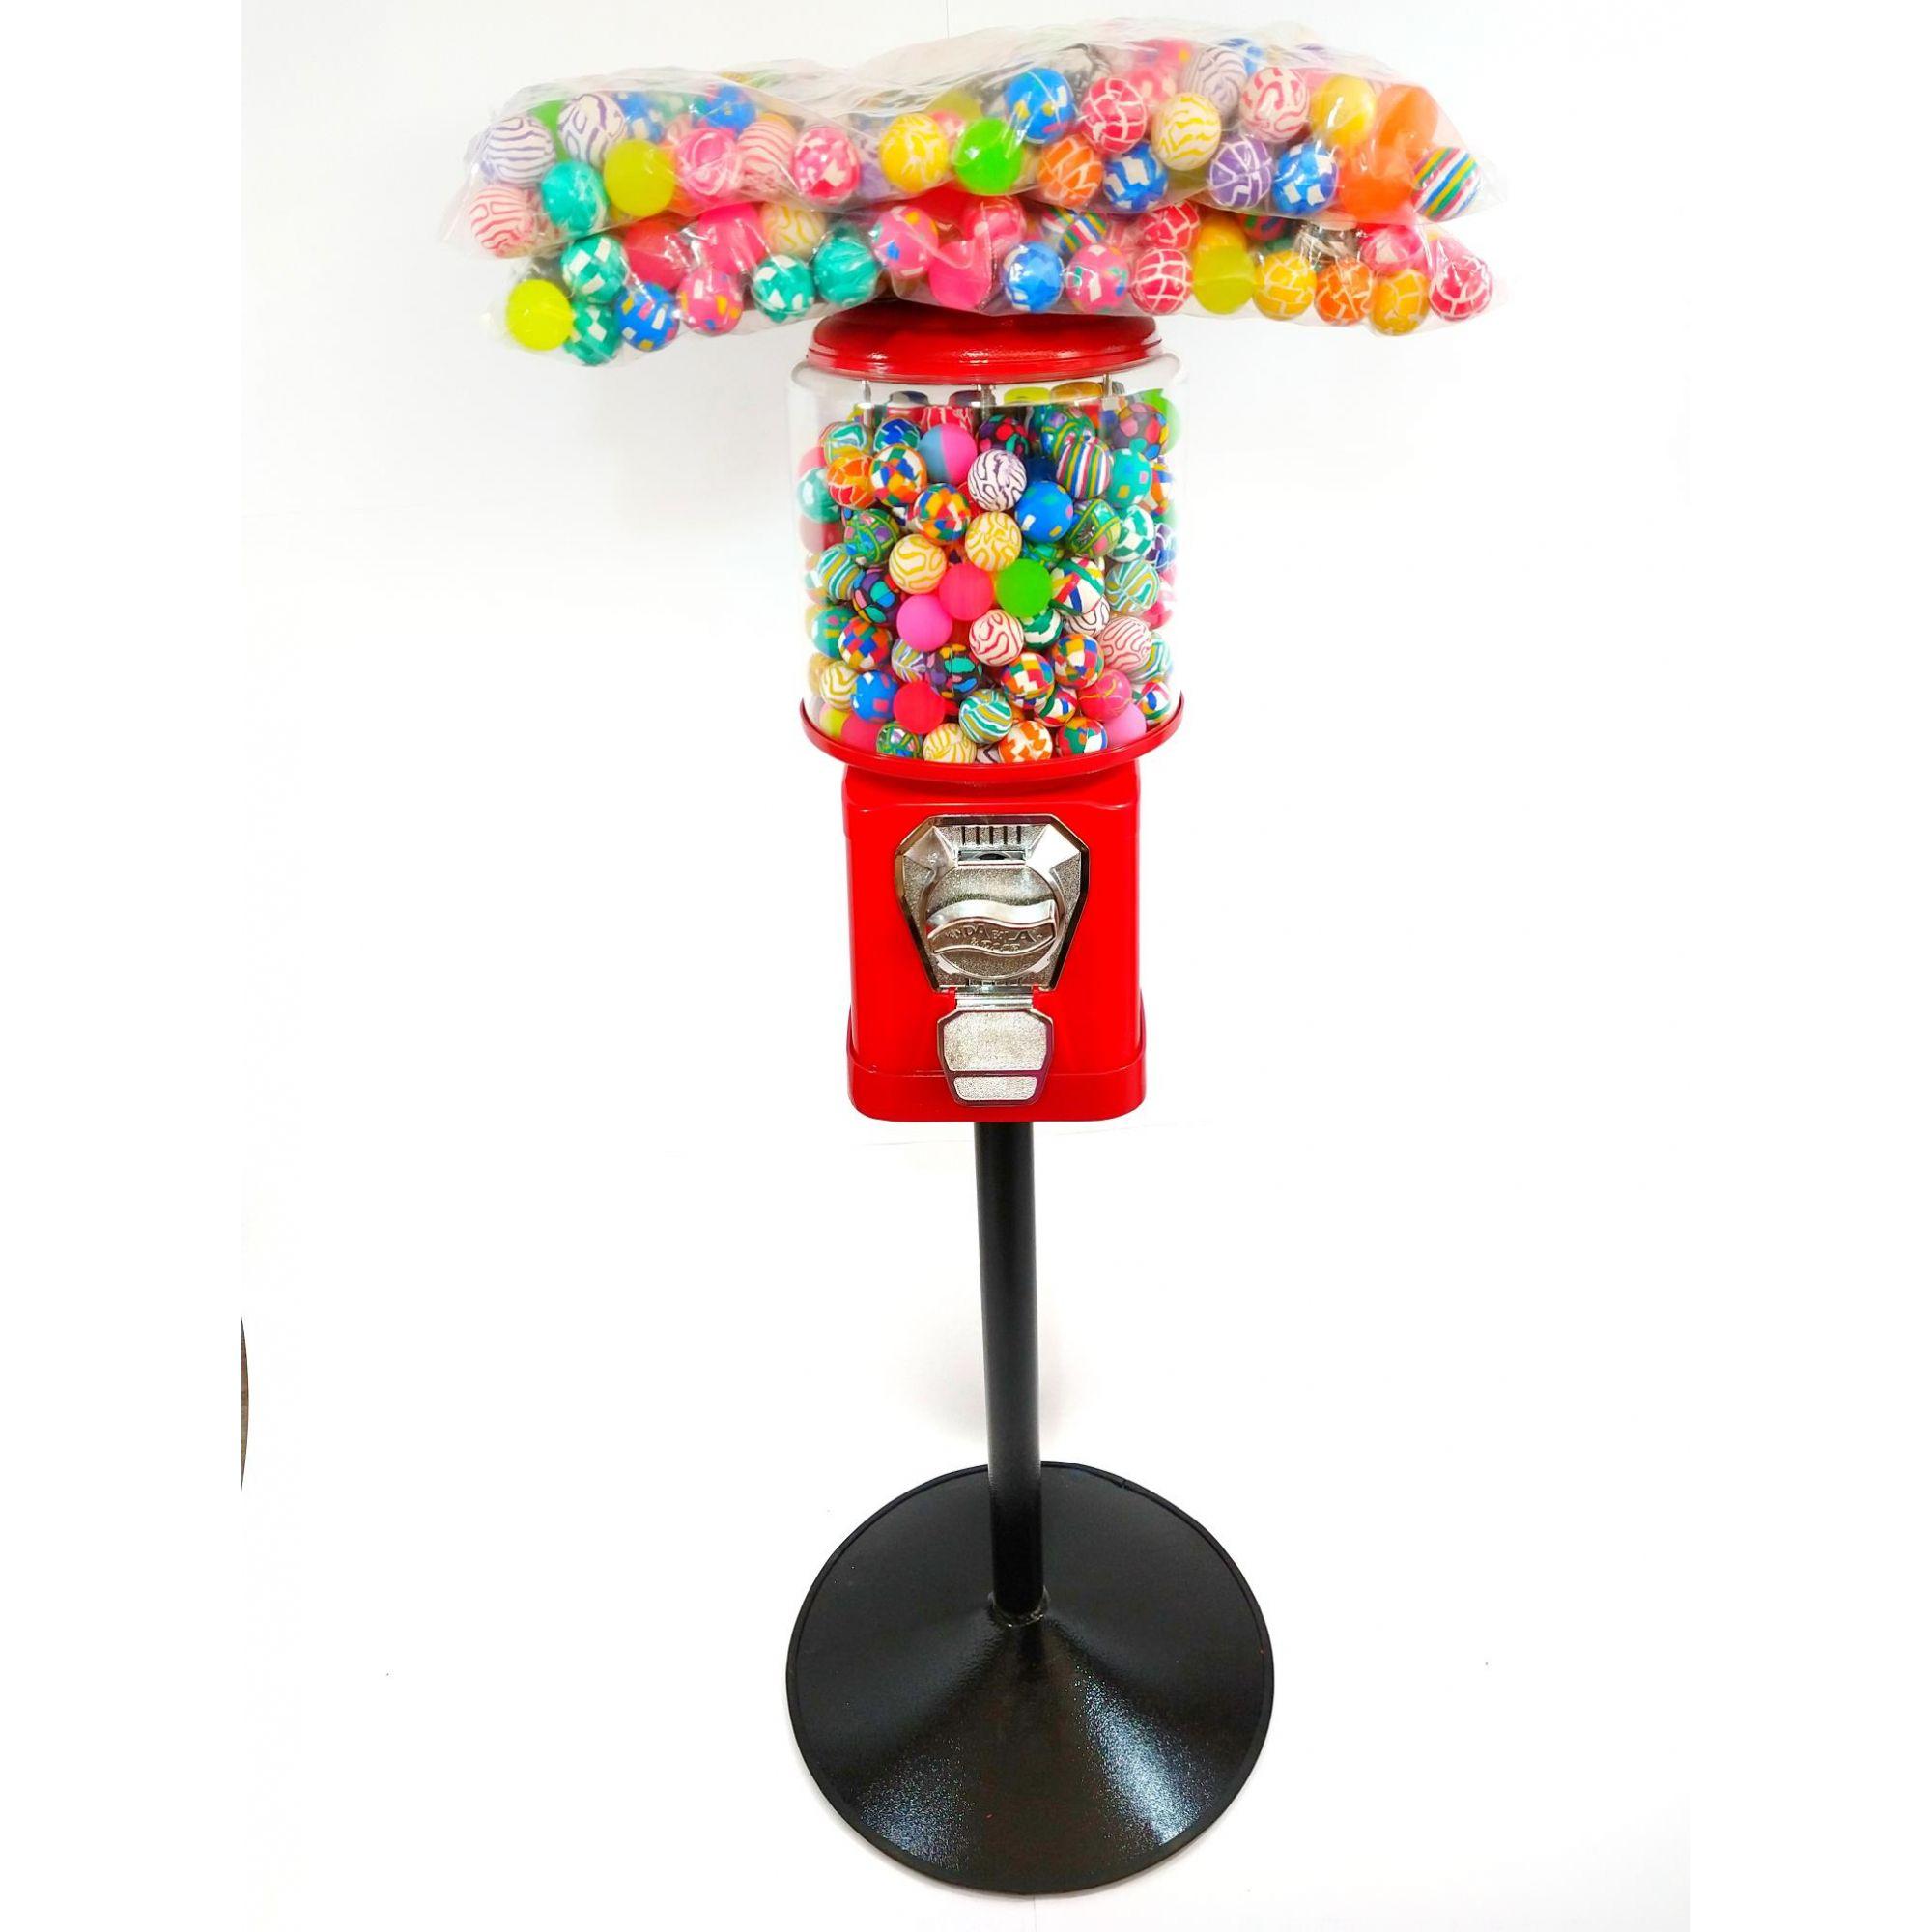 Maquina de Bolinha + Pedestal + Bolinha Pula Pula 27mm